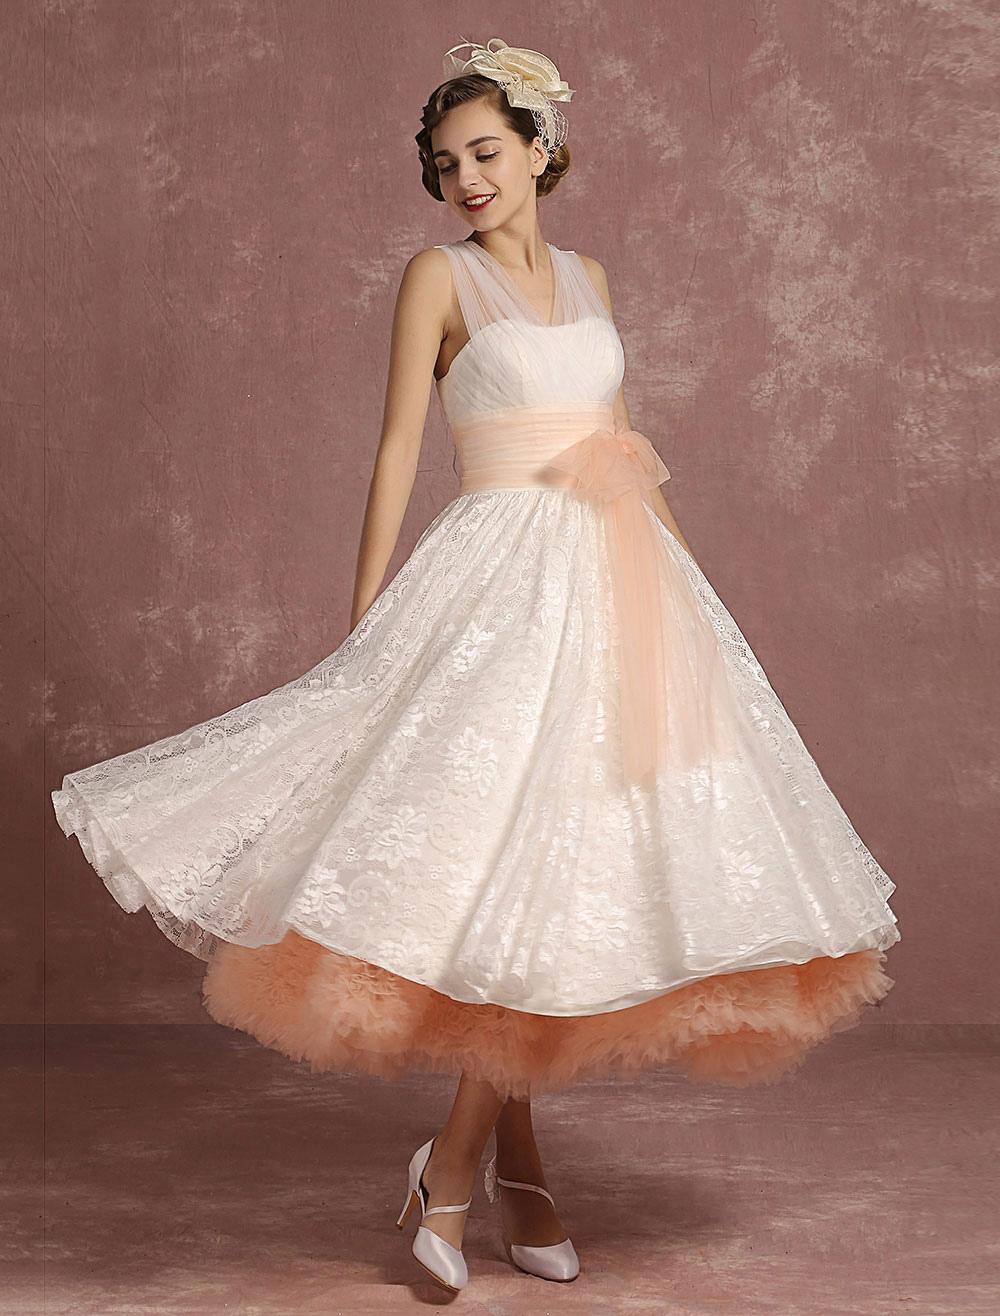 vintage wedding dresses lace v neck sleeveless bridal gown. Black Bedroom Furniture Sets. Home Design Ideas